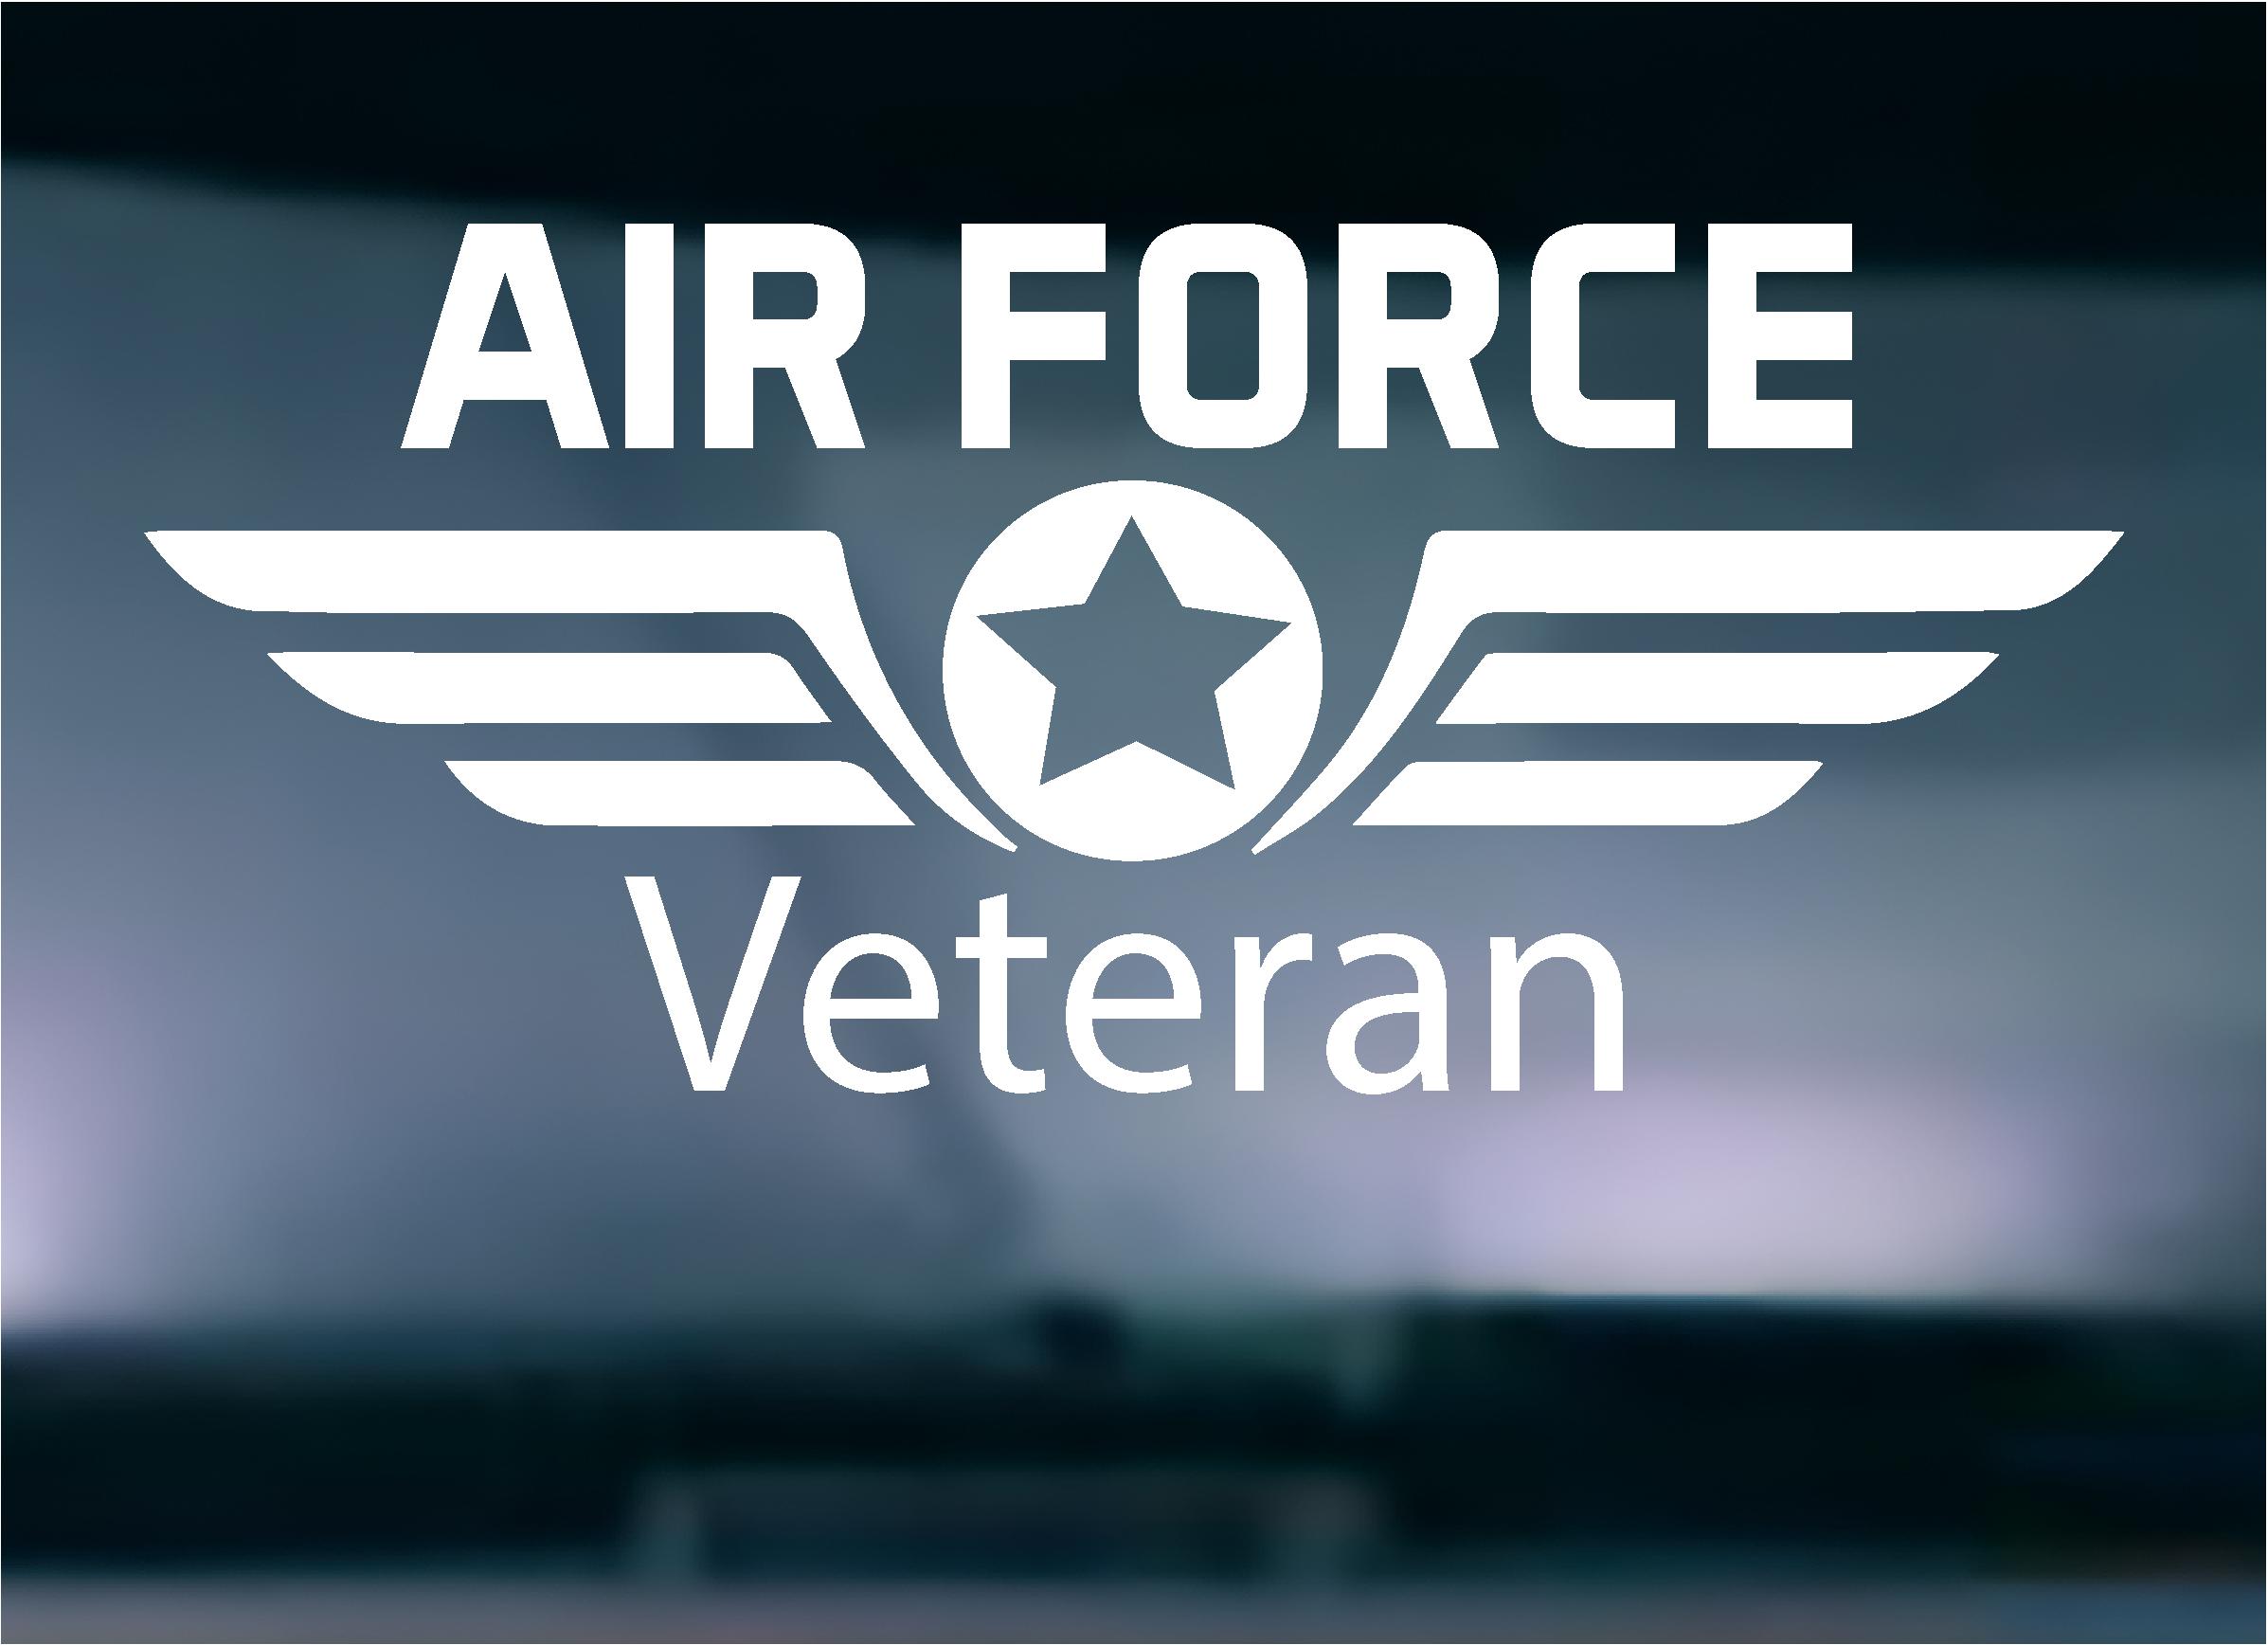 Air Force Veteran Vinyl Graphic Decal Air force veteran